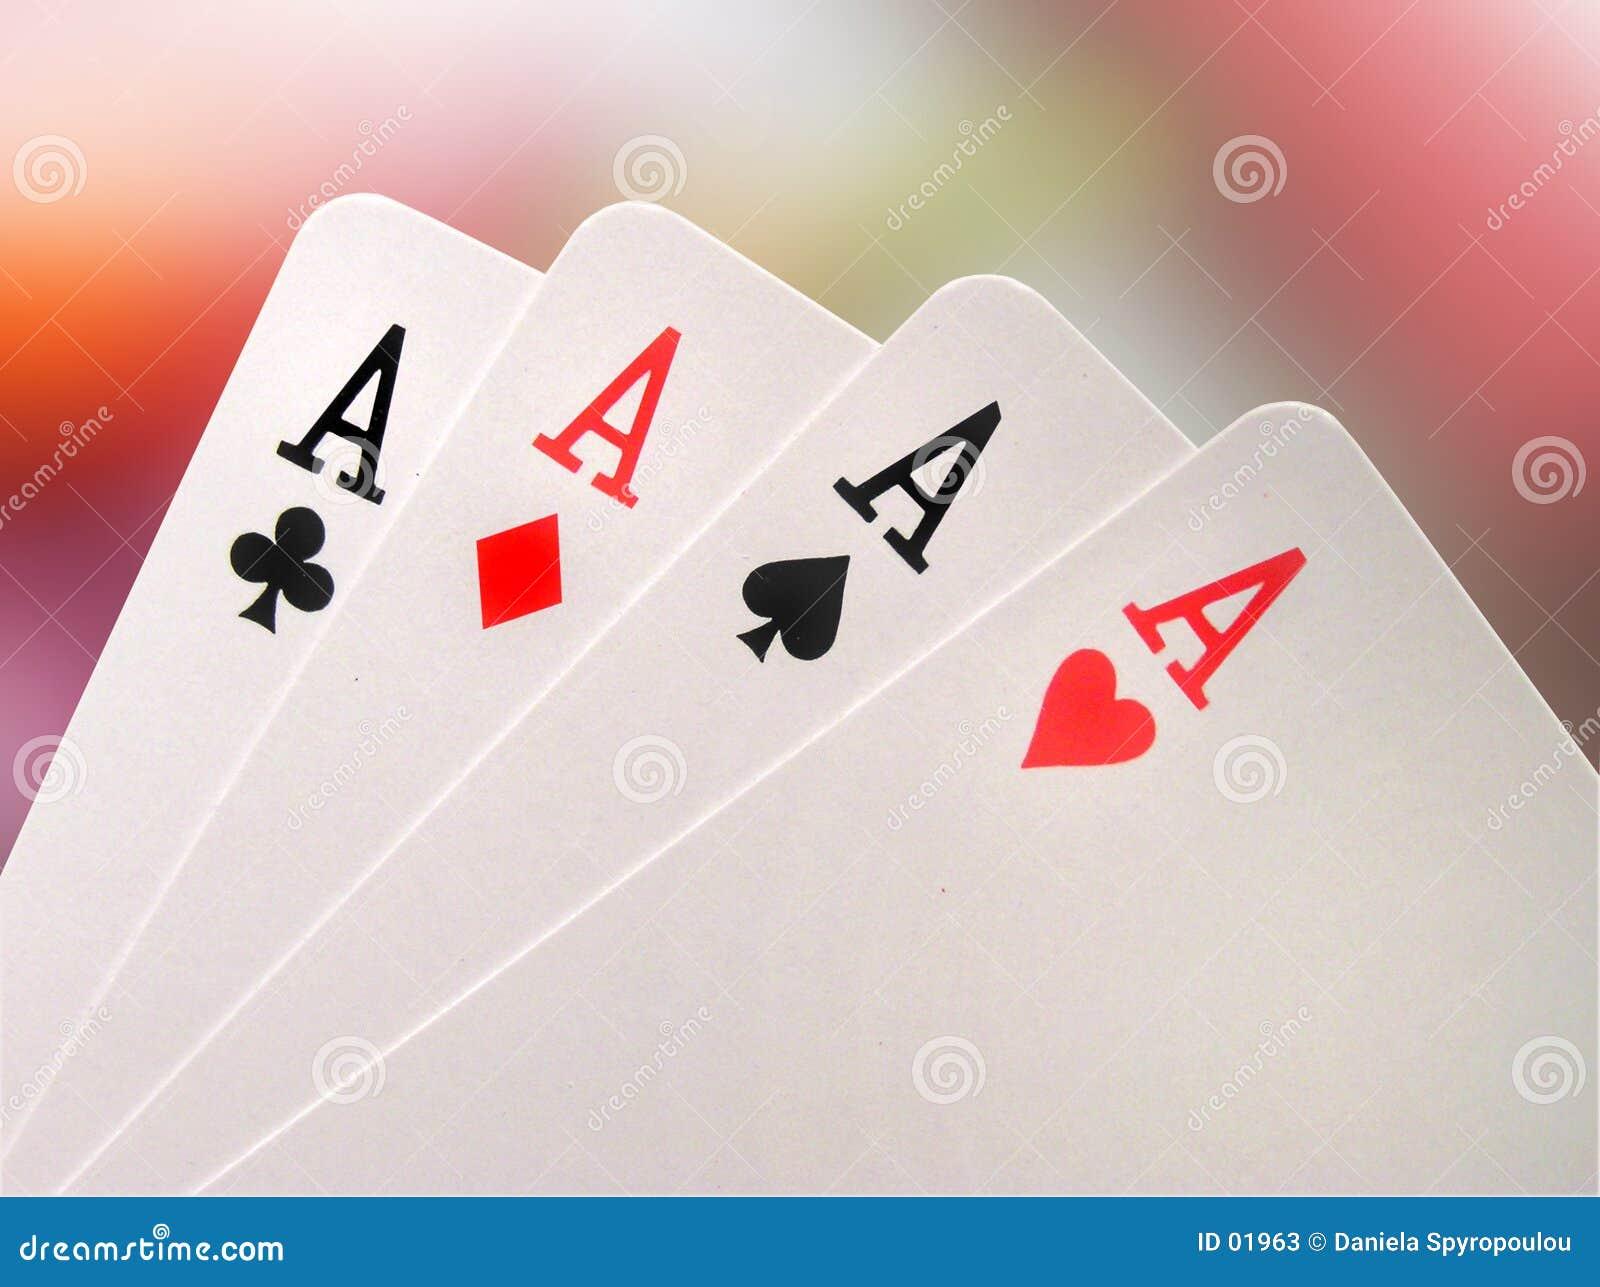 Download Ás imagem de stock. Imagem de clipping, jogar, aposta, noções - 1963